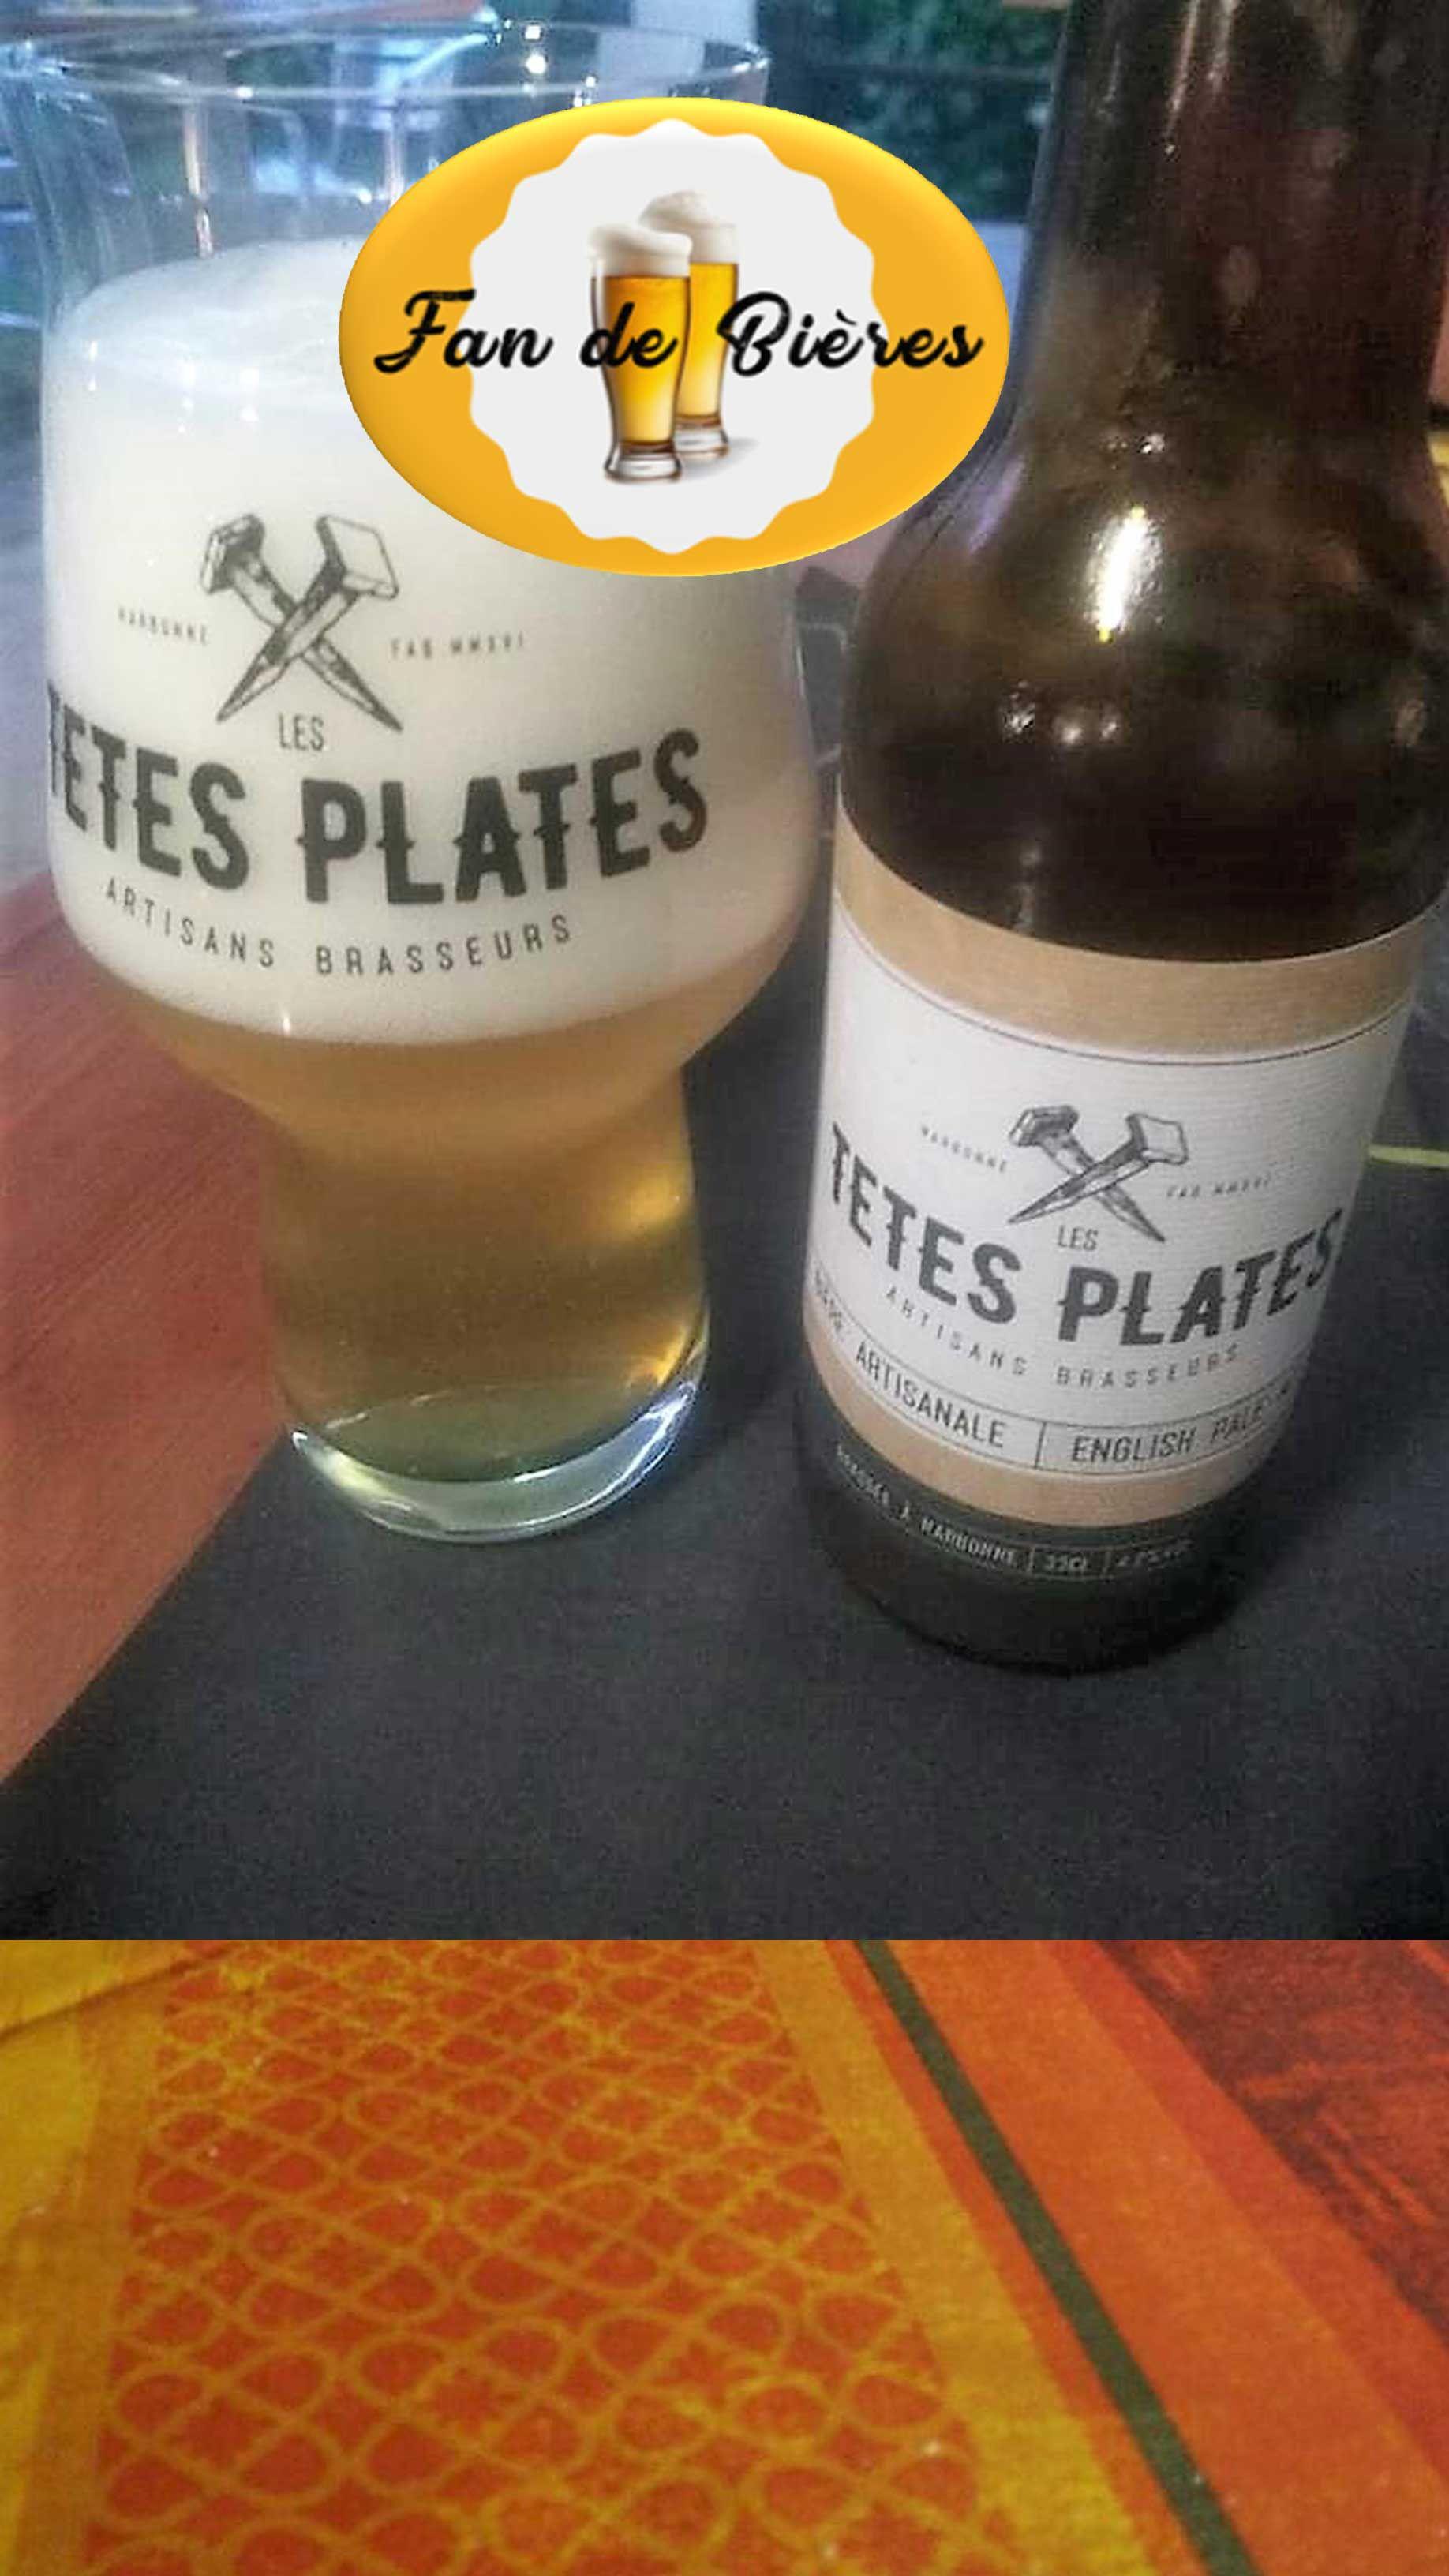 Épinglé sur Bières Françaises